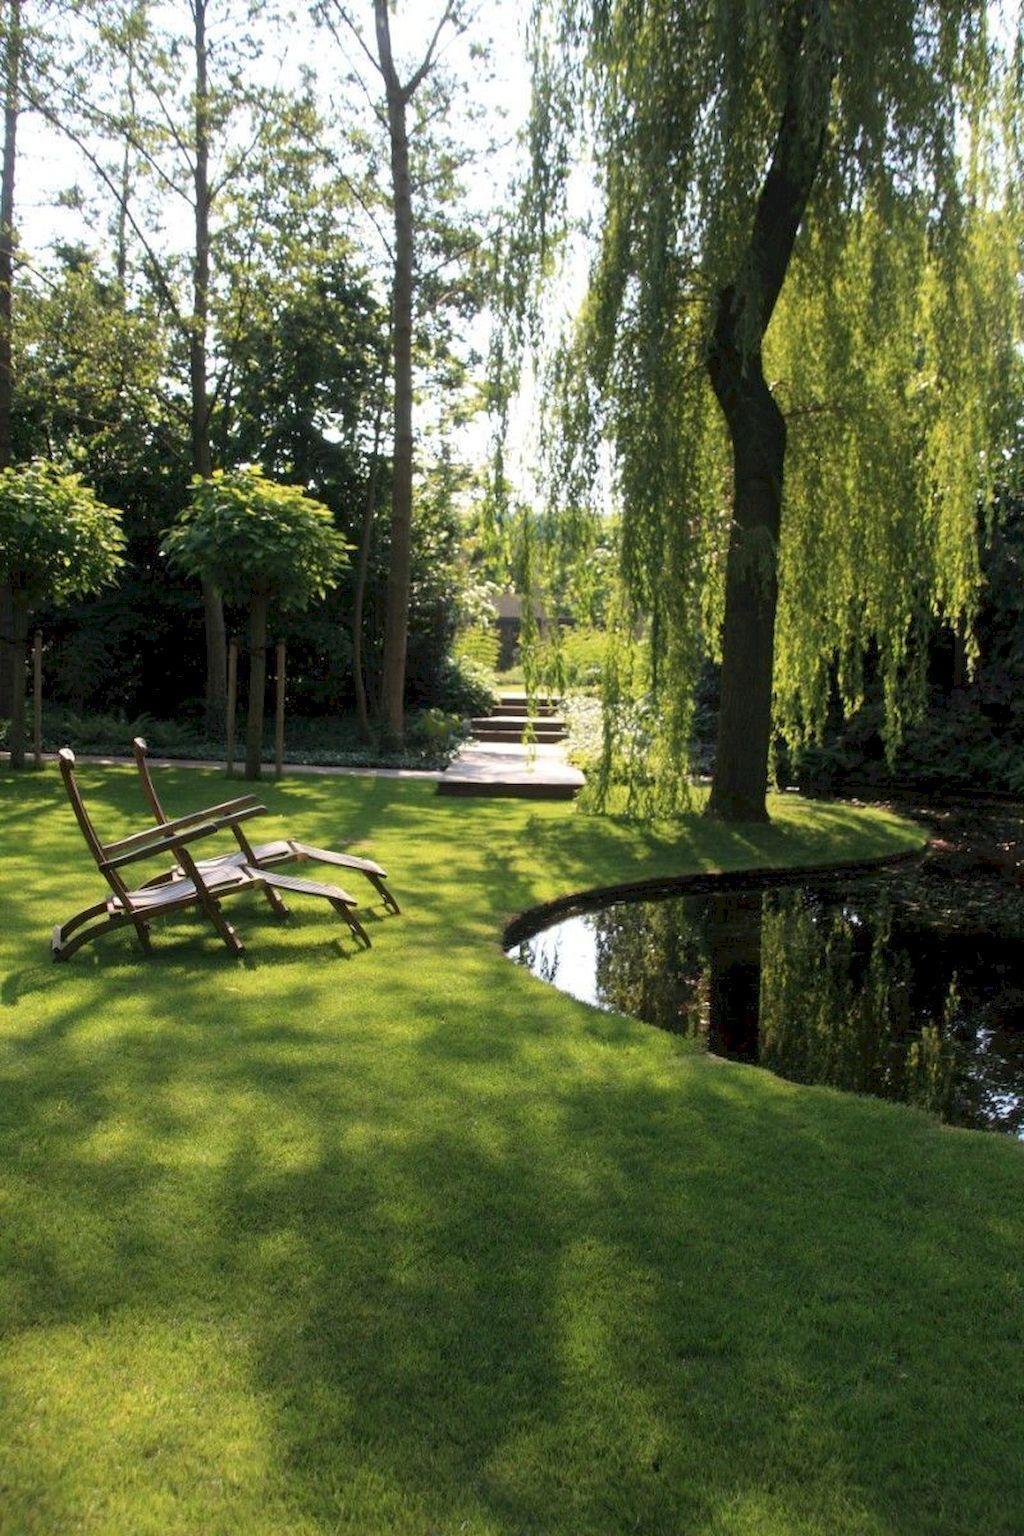 75 herrliche Hinterhof-Teiche und Wasser-Garten, der Ideen landschaftlich gestaltet#der #garten #gestaltet #herrliche #hinterhof #hinterhofteiche #ideen #landschaftlich #teiche #und #wasser #wassergarten